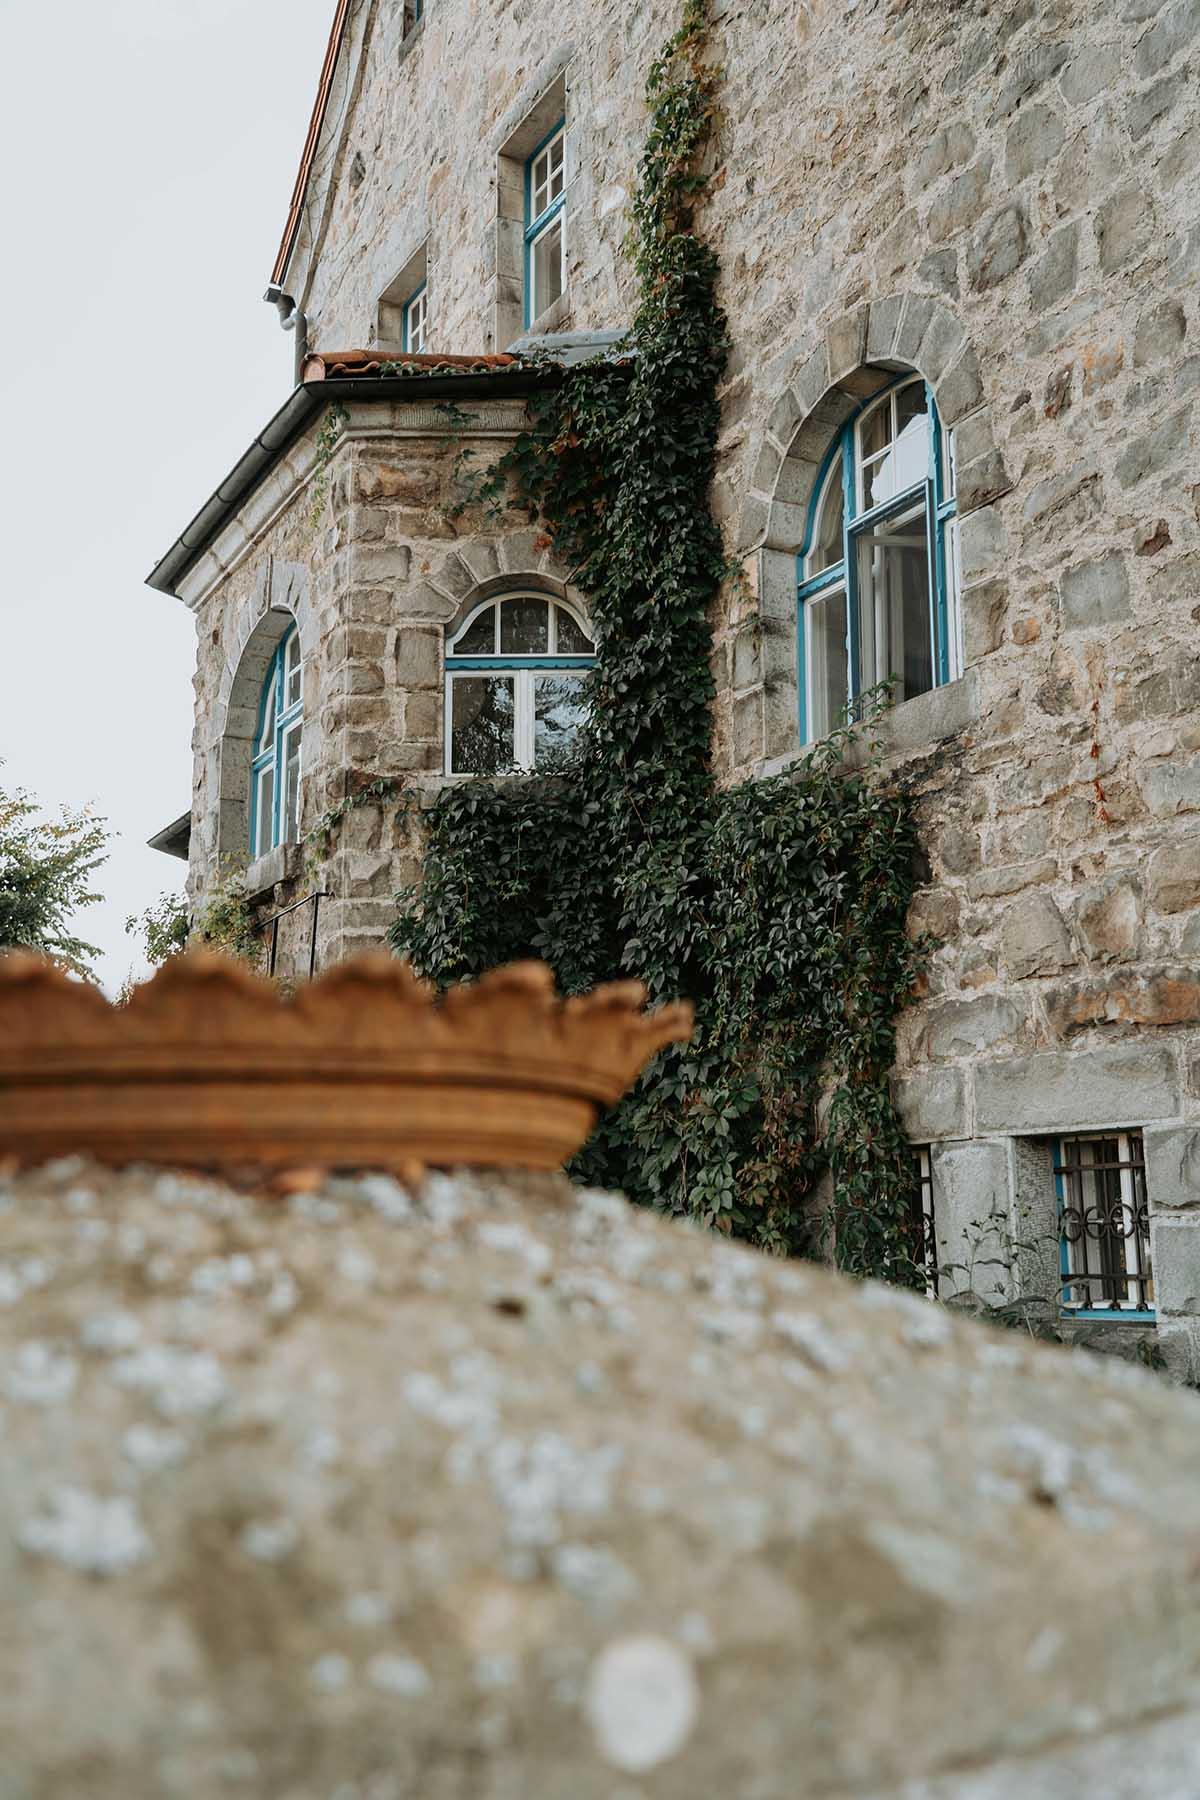 boutique-hotel-villa-breitenberg-bayerischer-wald-placesdelight-04